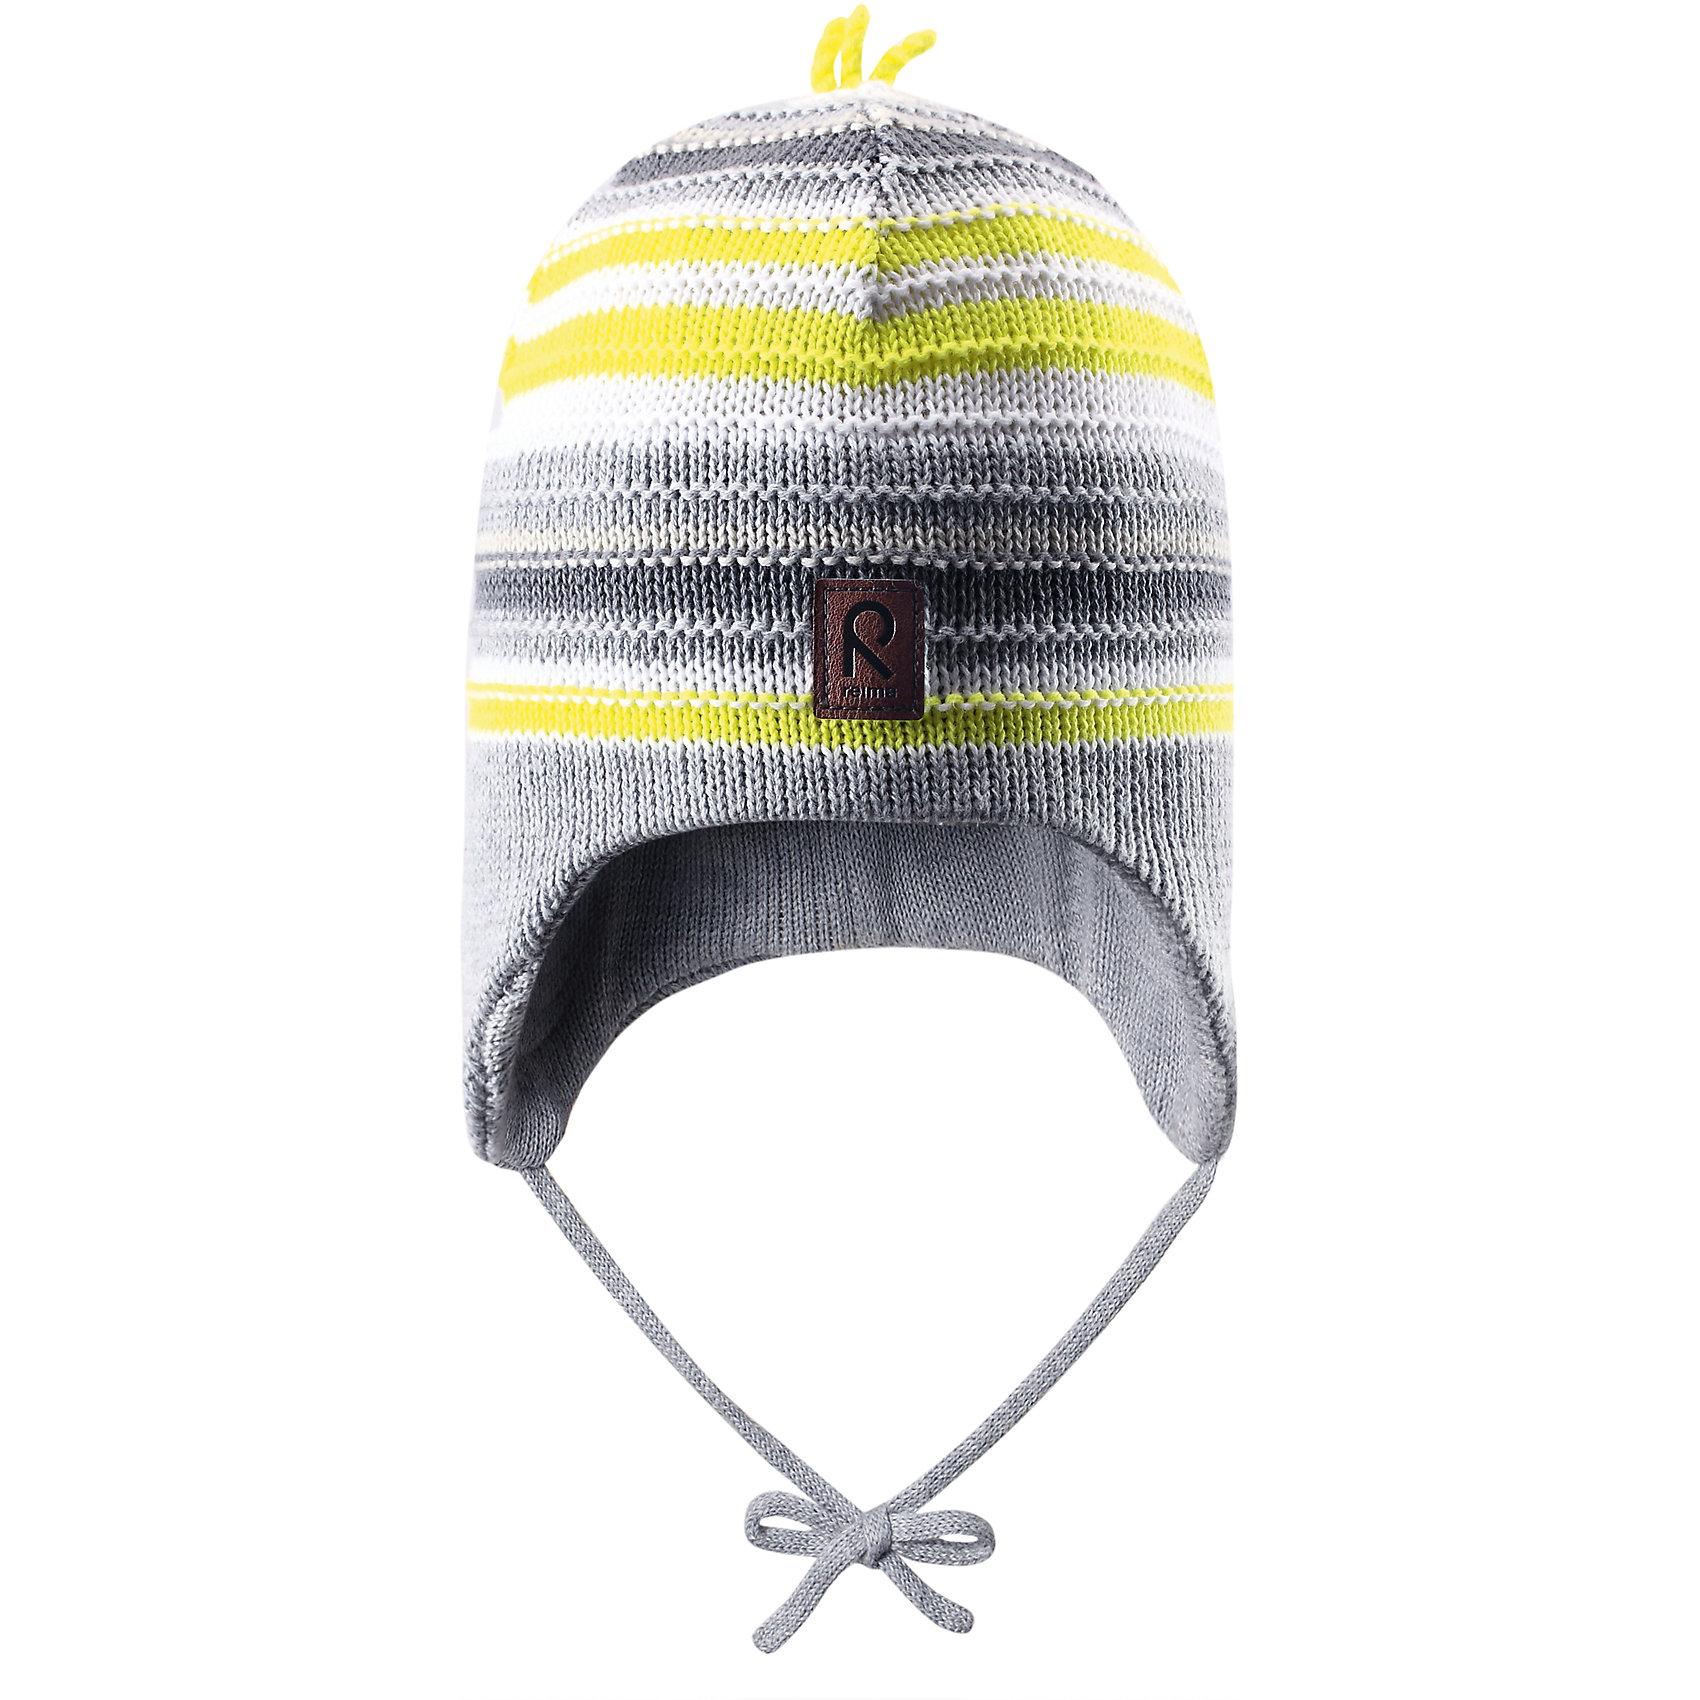 Шапка для мальчика ReimaВесне мы дарим свежесть красок! Эта веселая полосатая шапочка для малышей — идеальный выбор для теплых весенних деньков. Она изготовлена из мягкого вязаного хлопка и имеет ветронепроницаемые вставки, которые обеспечат ушкам надежную защиту. <br><br>Дополнительная информация:<br><br>Шапка «Бини» для малышей<br>Эластичная хлопчатобумажная ткань<br>Ветронепроницаемые вставки в области ушей<br>Частичная подкладка: хлопчатобумажная ткань<br>Логотип Reima® спереди<br>Состав:<br>100% хлопок<br>Уход:<br>Стирать по отдельности, вывернув наизнанку. Придать первоначальную форму вo влажном виде. Возможна усадка 5 %.<br><br>Ширина мм: 89<br>Глубина мм: 117<br>Высота мм: 44<br>Вес г: 155<br>Цвет: серый<br>Возраст от месяцев: 12<br>Возраст до месяцев: 24<br>Пол: Мужской<br>Возраст: Детский<br>Размер: 48,46,50,52<br>SKU: 4498070